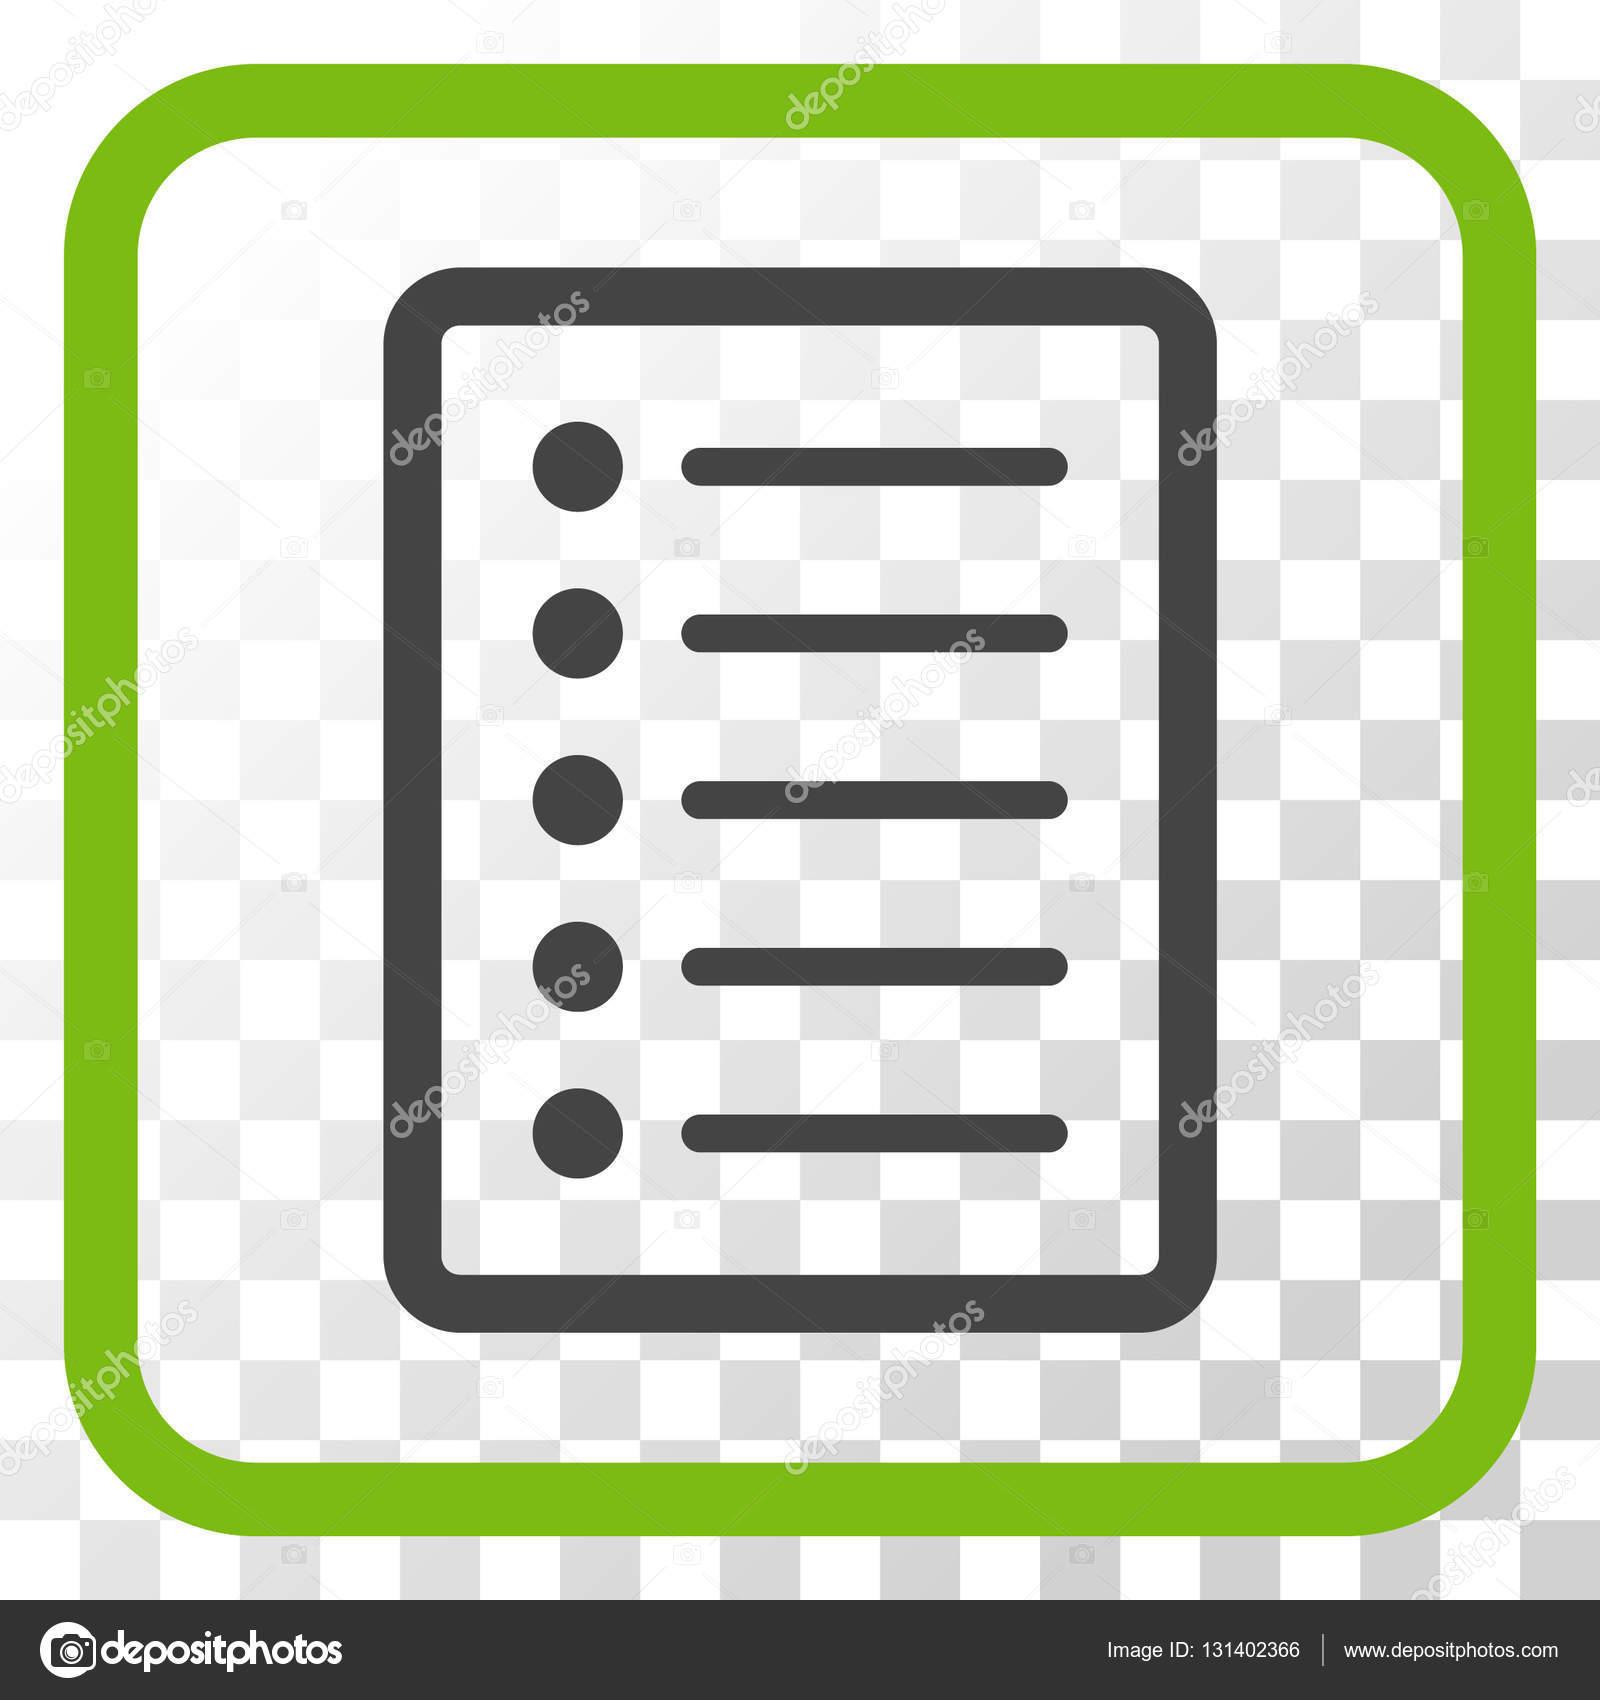 Как получить логотип на прозрачном фоне? Блог о создании лого 11